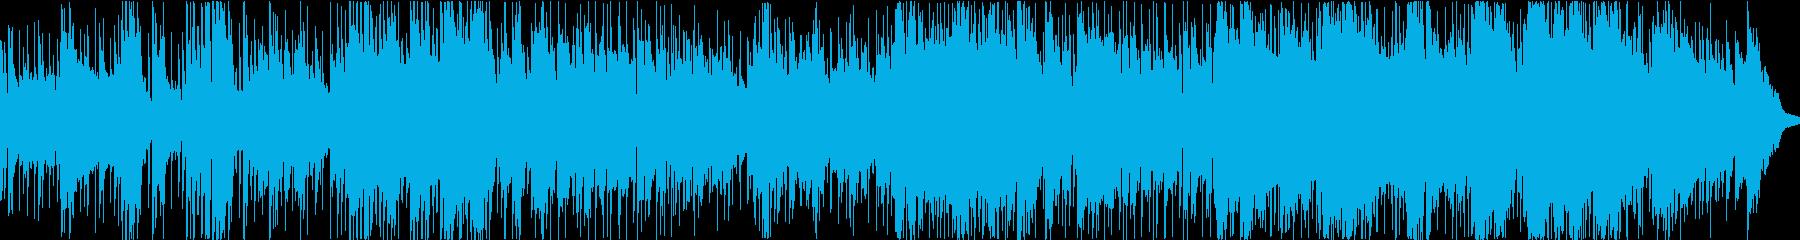 スローカントリーロック-バラードの再生済みの波形